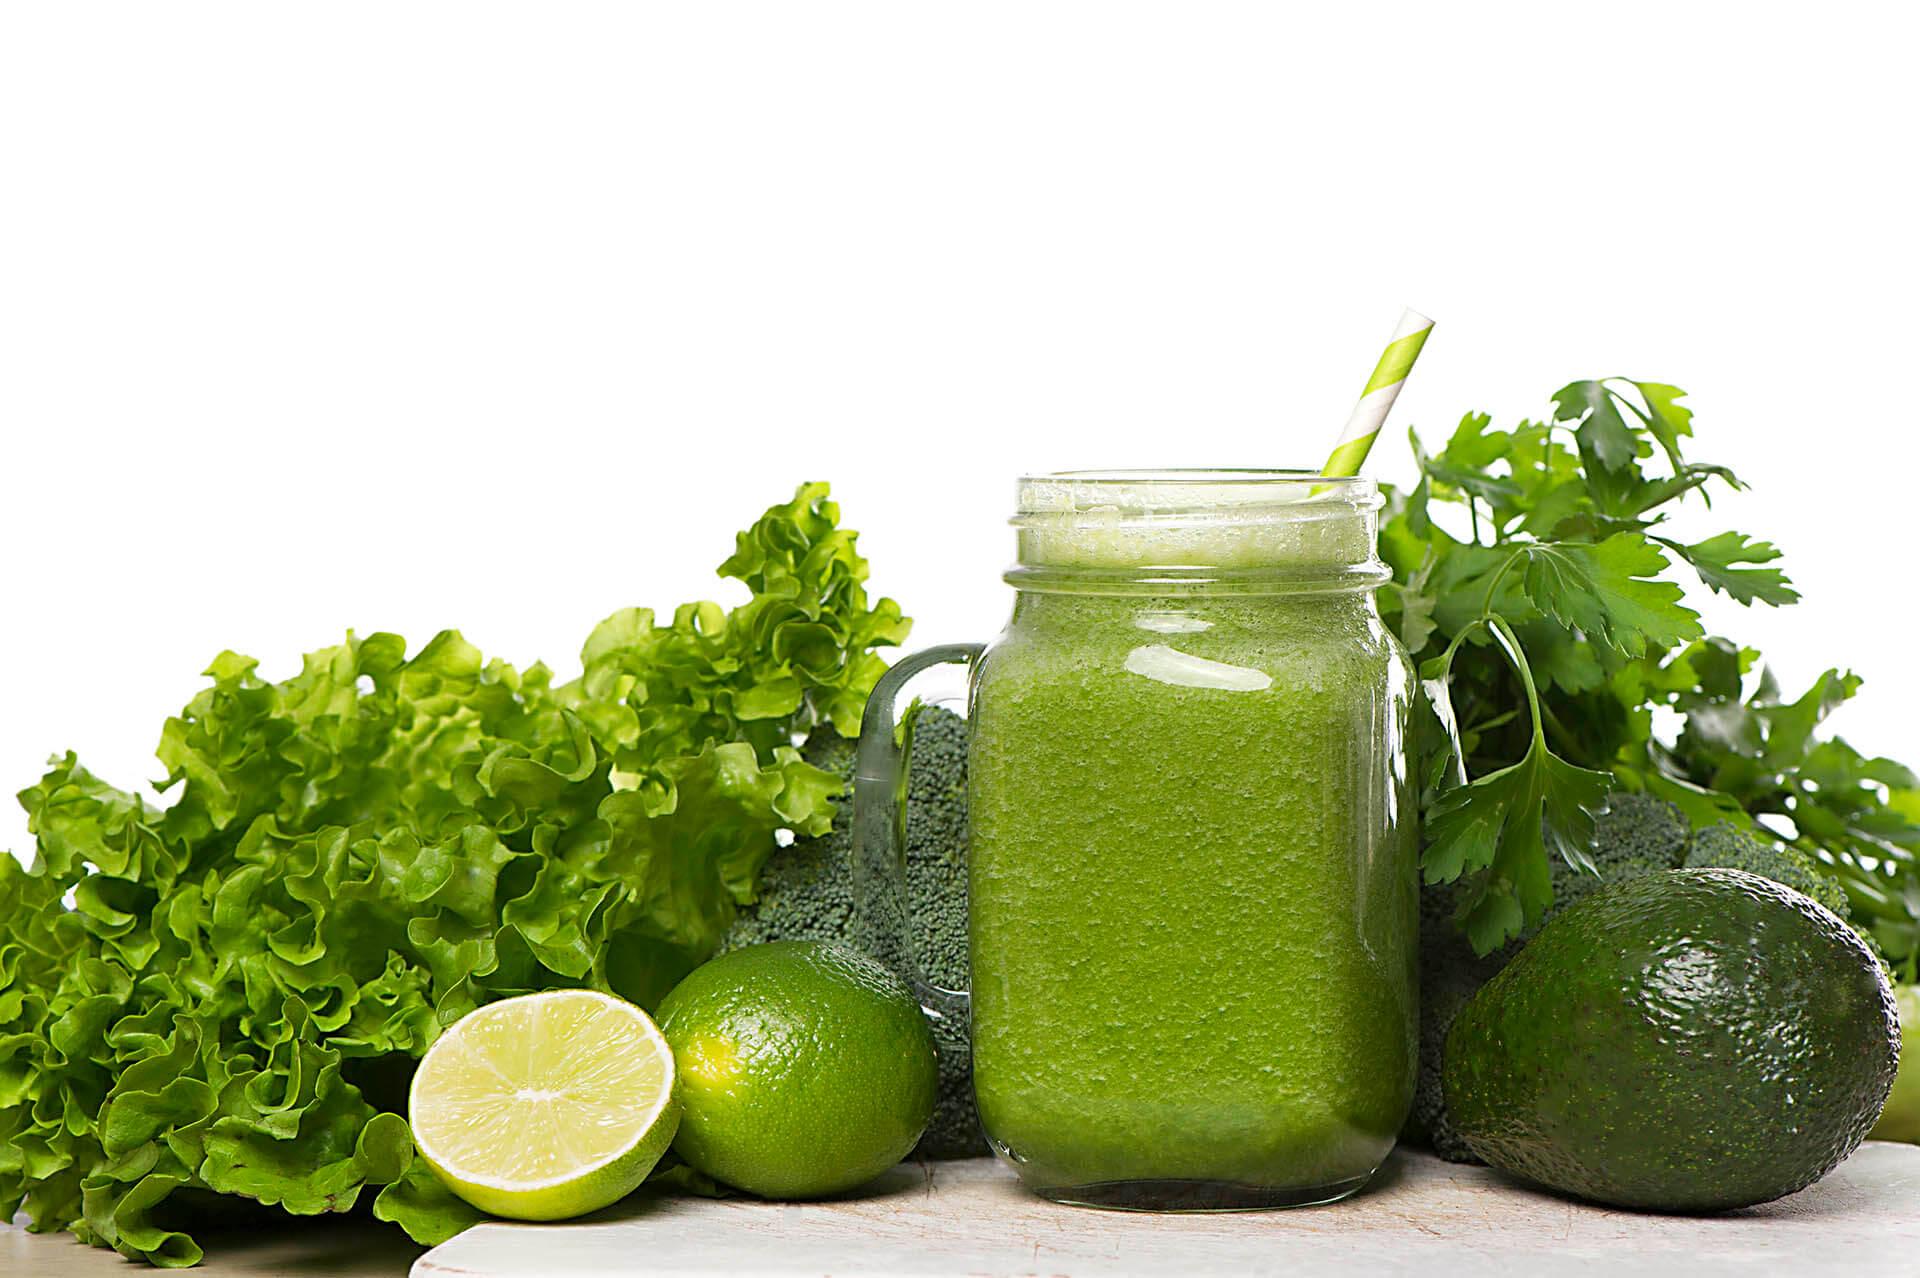 zdravi smutiji, klub zdravih navika, kzn, zdravi smutiji klub zdravih navika, zdravi smutiji kzn, zeleni smuti, zdrav smuti, ceđeni sokovi, smuti daje energiju, smuti za snagu, kremasti smuti, zravo, dorucak, napitak, Iceberg Salat Centar